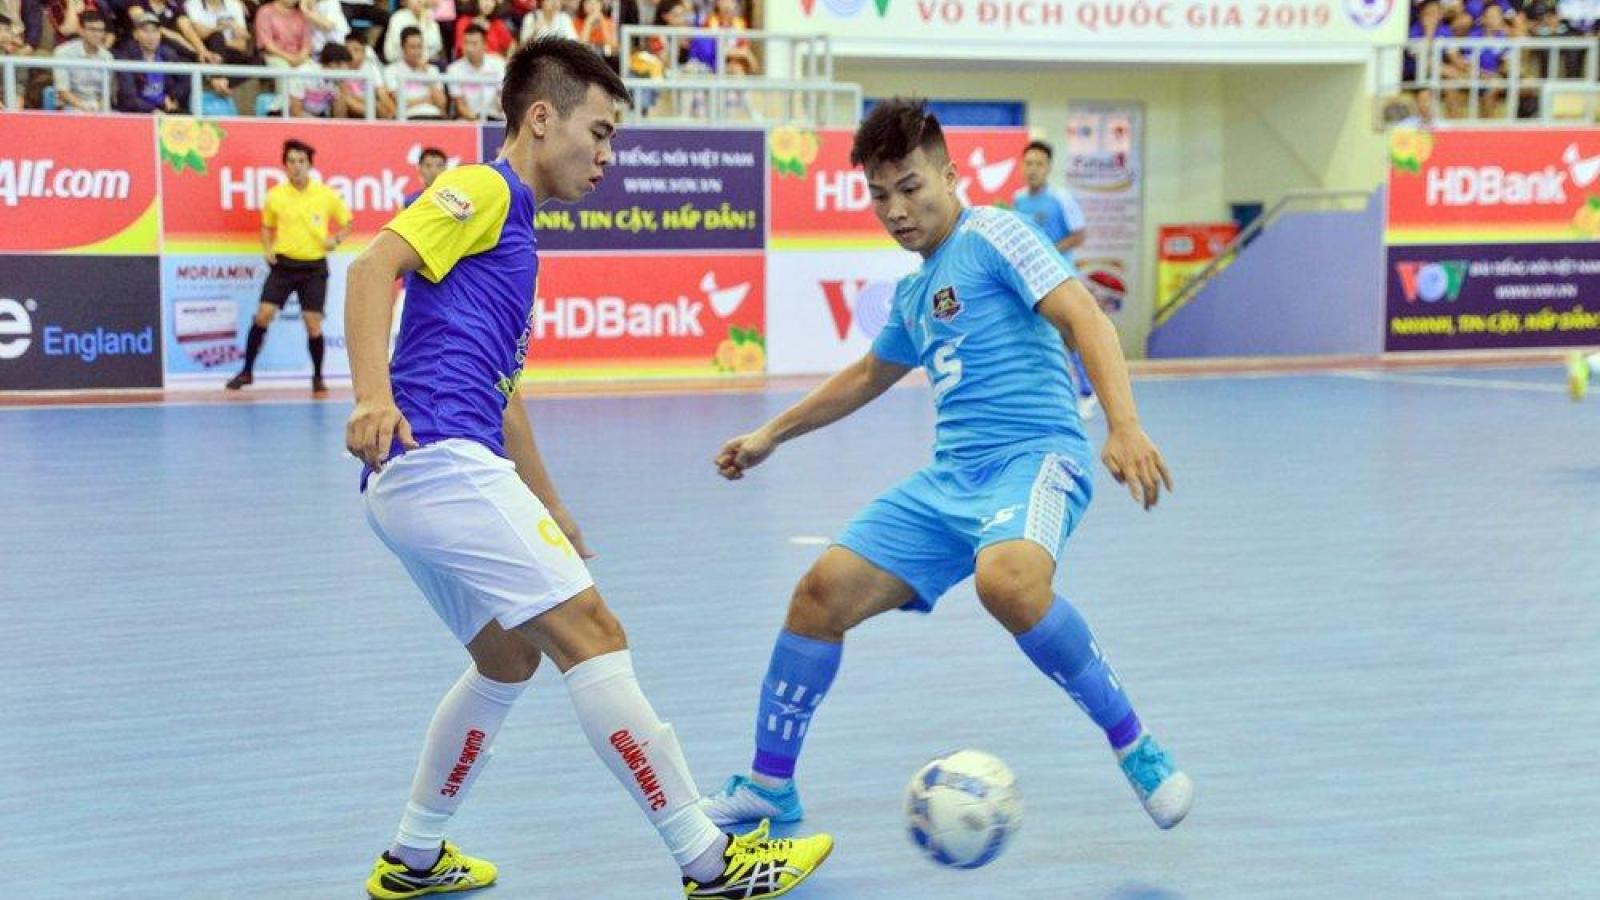 Xem trực tiếp Futsal HDBank VĐQG 2020: Quảng Nam vs Thái Sơn Bắc